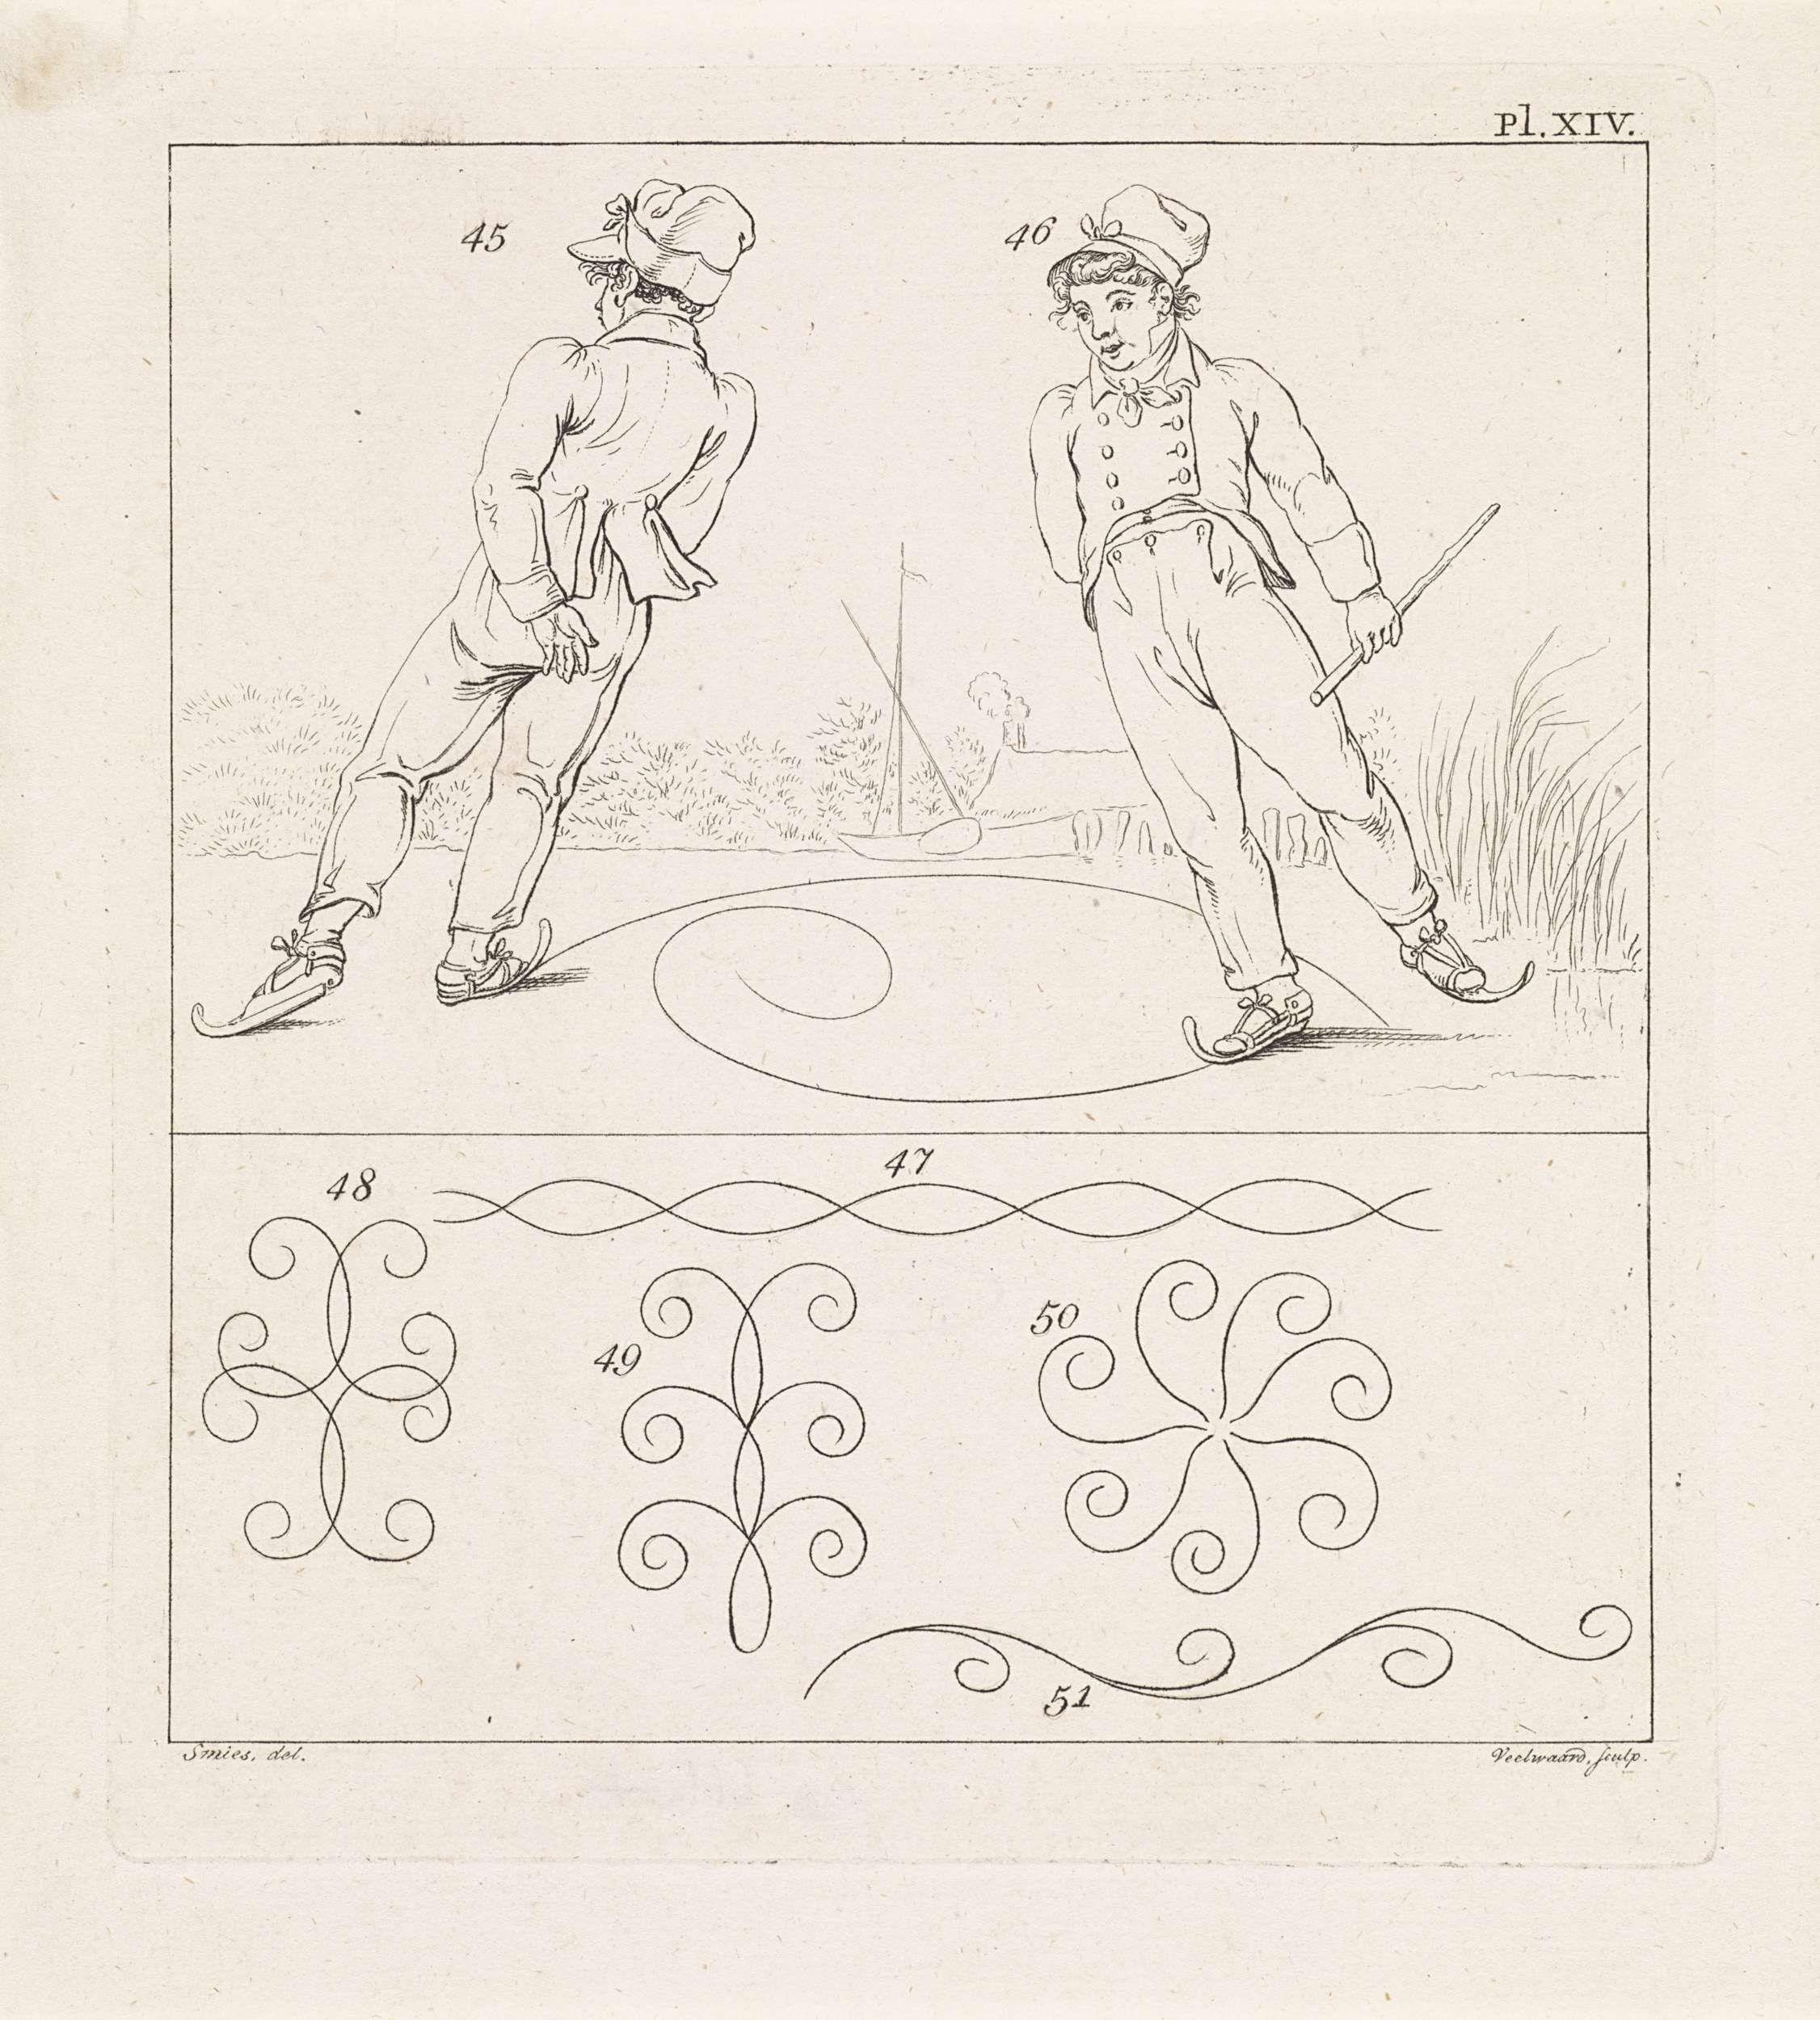 Daniël Veelwaard (I)   Lichamelijke oefeningen; schaatsen, Daniël Veelwaard (I), 1806   Twee afbeeldingen; boven twee schaatsende jongens op het ijs en onder vijf schematische weergaven van schaatsfiguren. Rechtsboven: Pl. XIV.